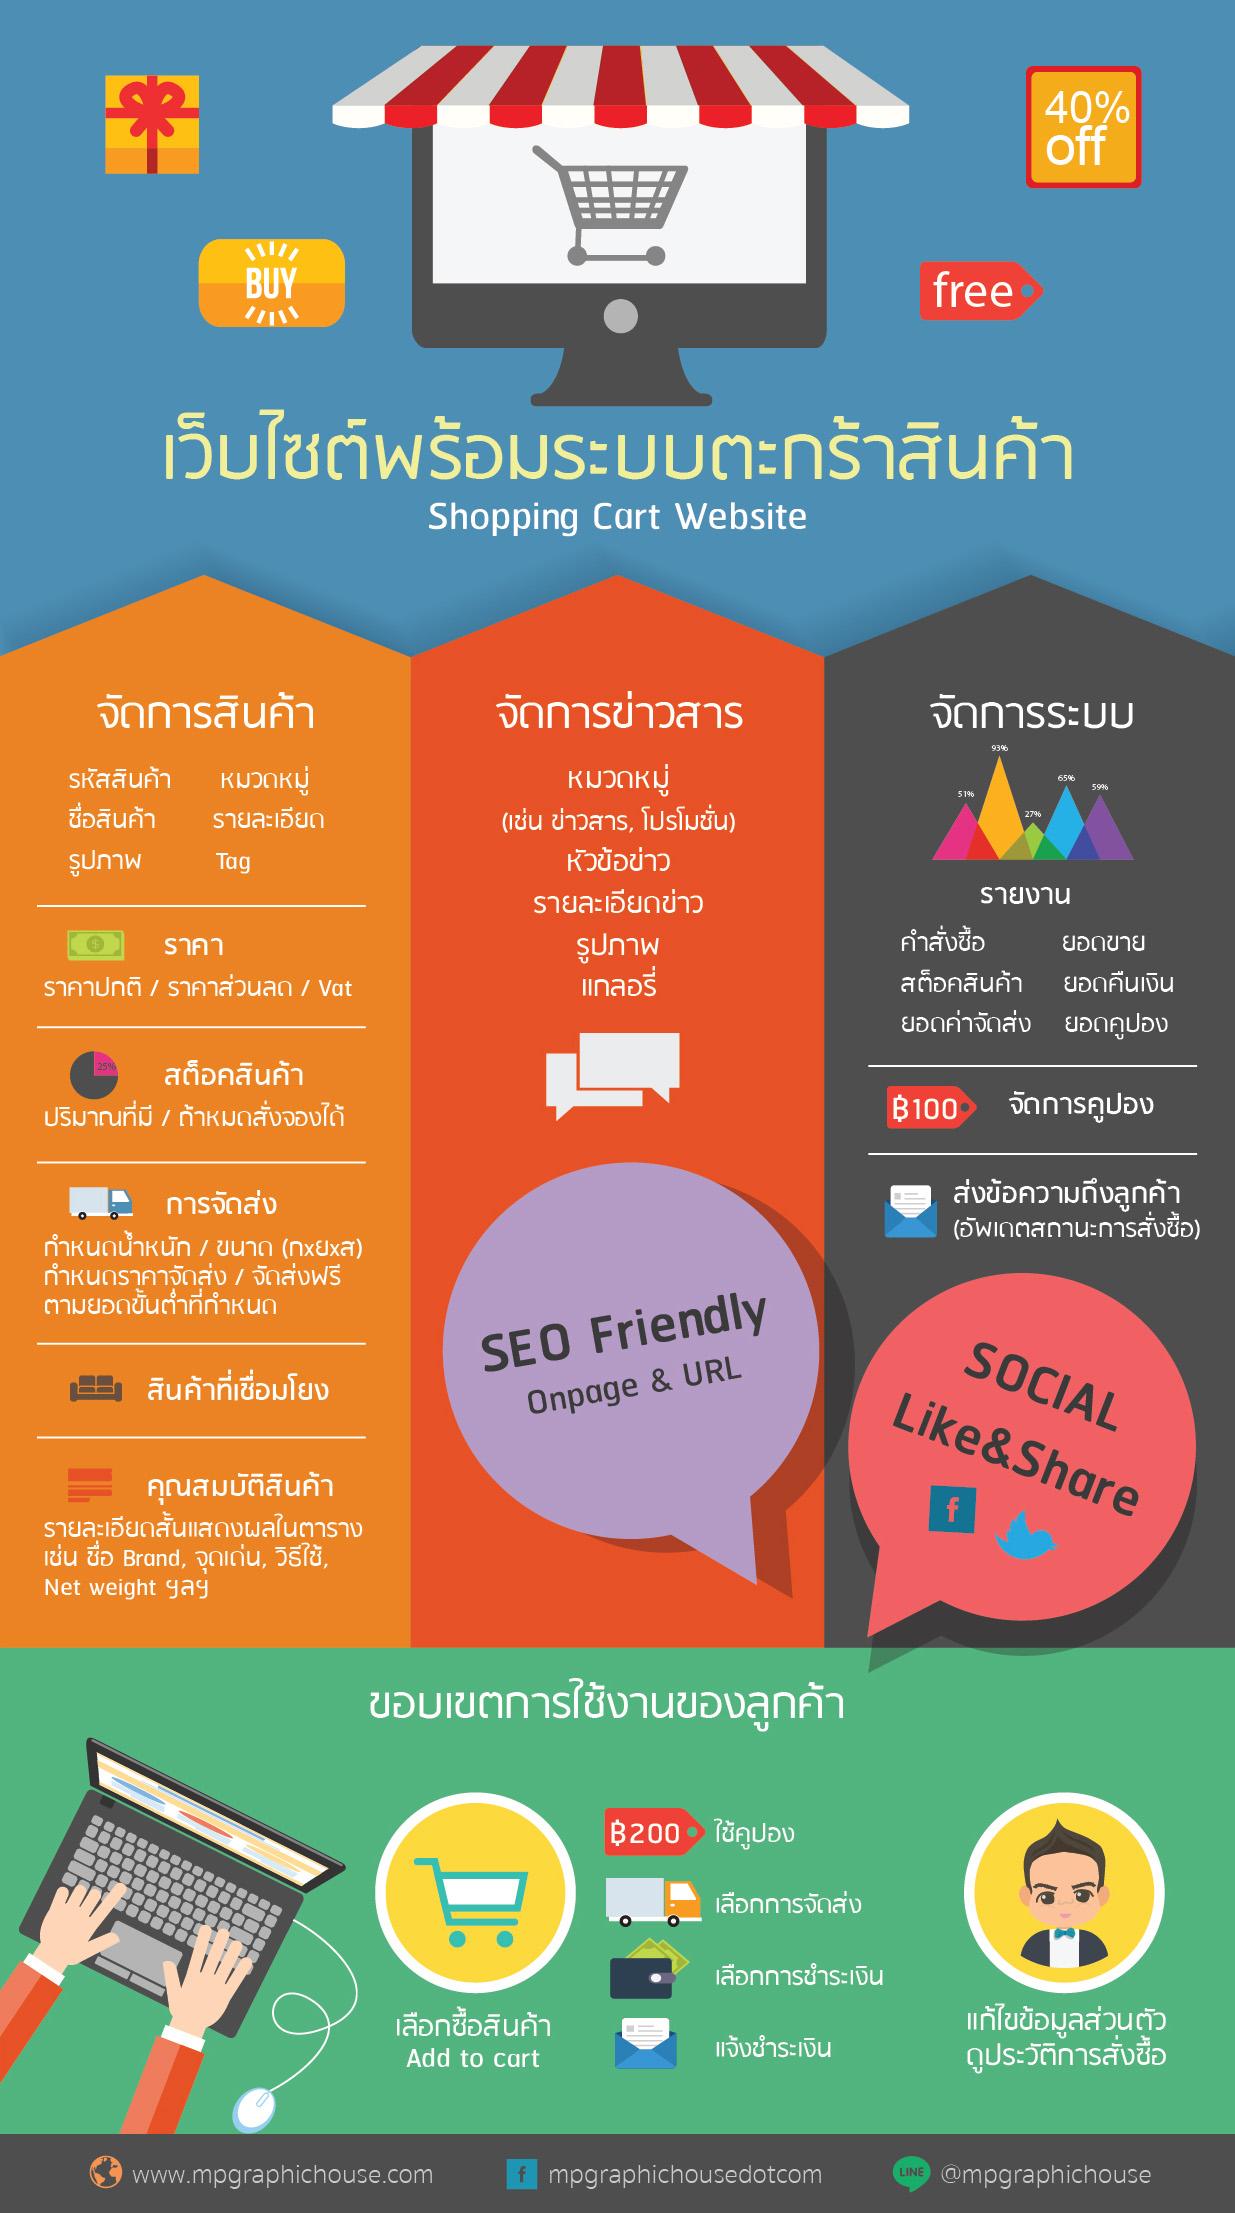 เว็บที่เป็นชื่อ'แบรนด์'ธุรกิจของตัวเอง-ภายใต้โดเมน .com หรือ .co.th